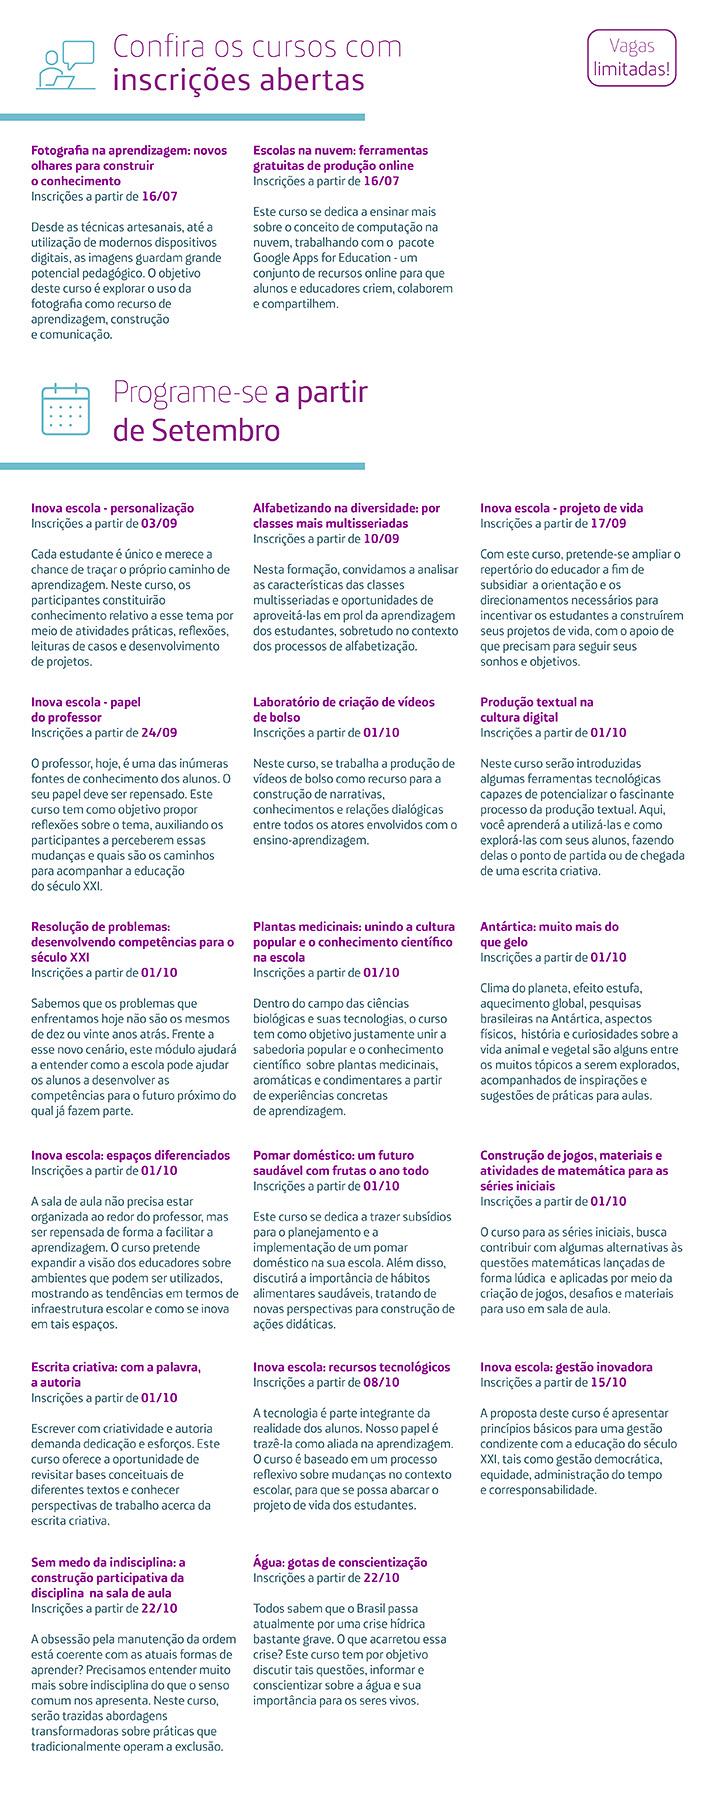 Infográfico mostra todos os cursos que estão com inscrições abertas no Escolas Conectadas, que pode ser acessado pela URL escolasconectadas.org.br